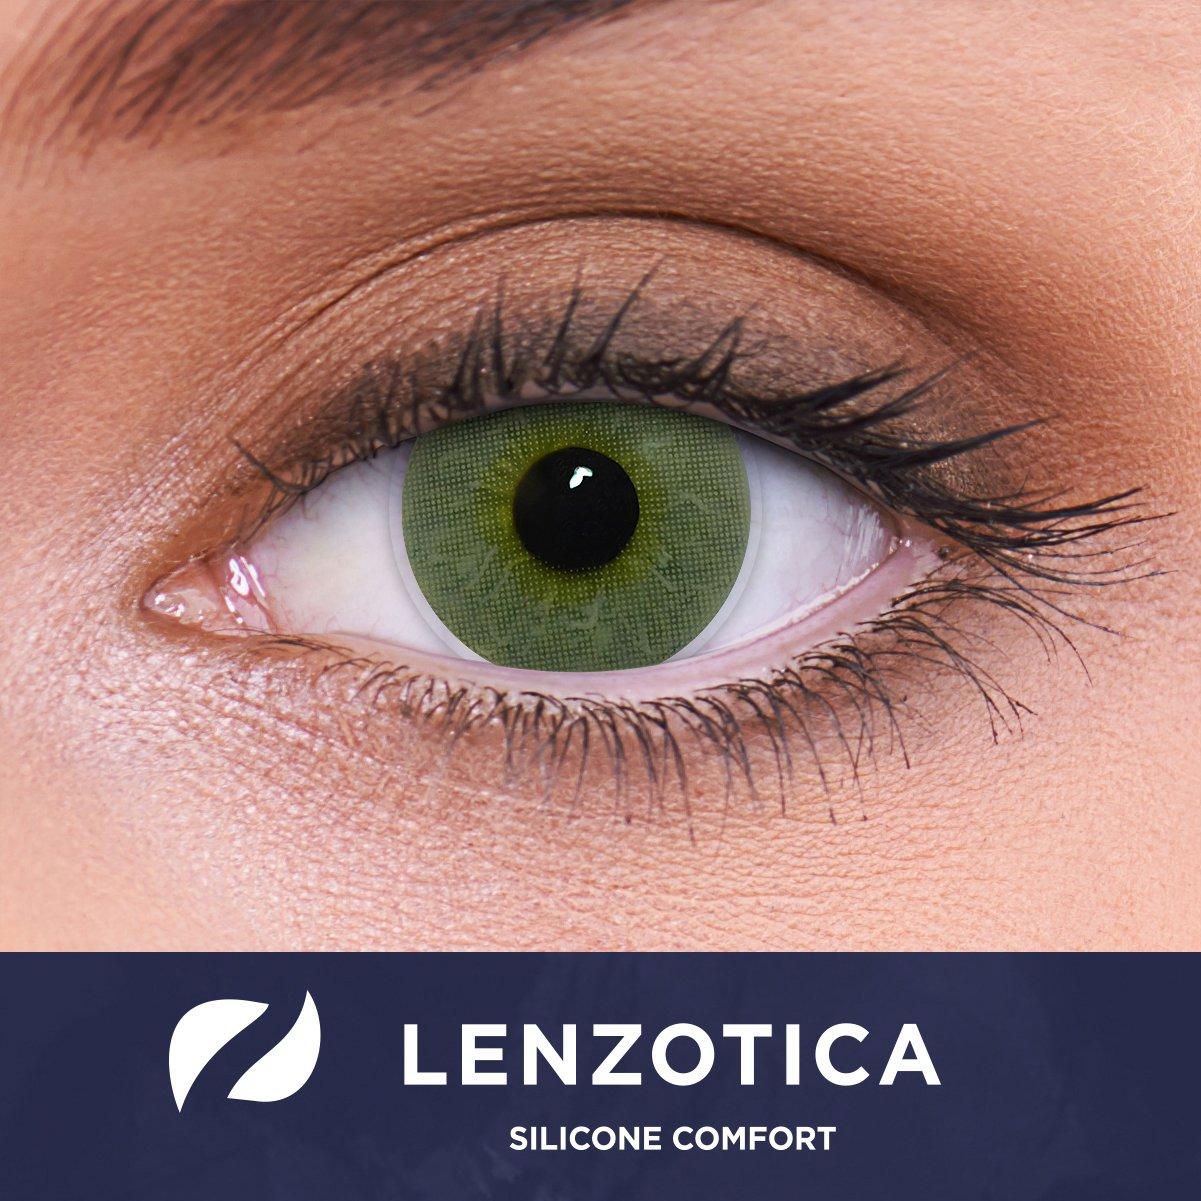 ec02710f6a196 Cubriendo con fuerza las lentes de contacto verdes naturales  coloreadas